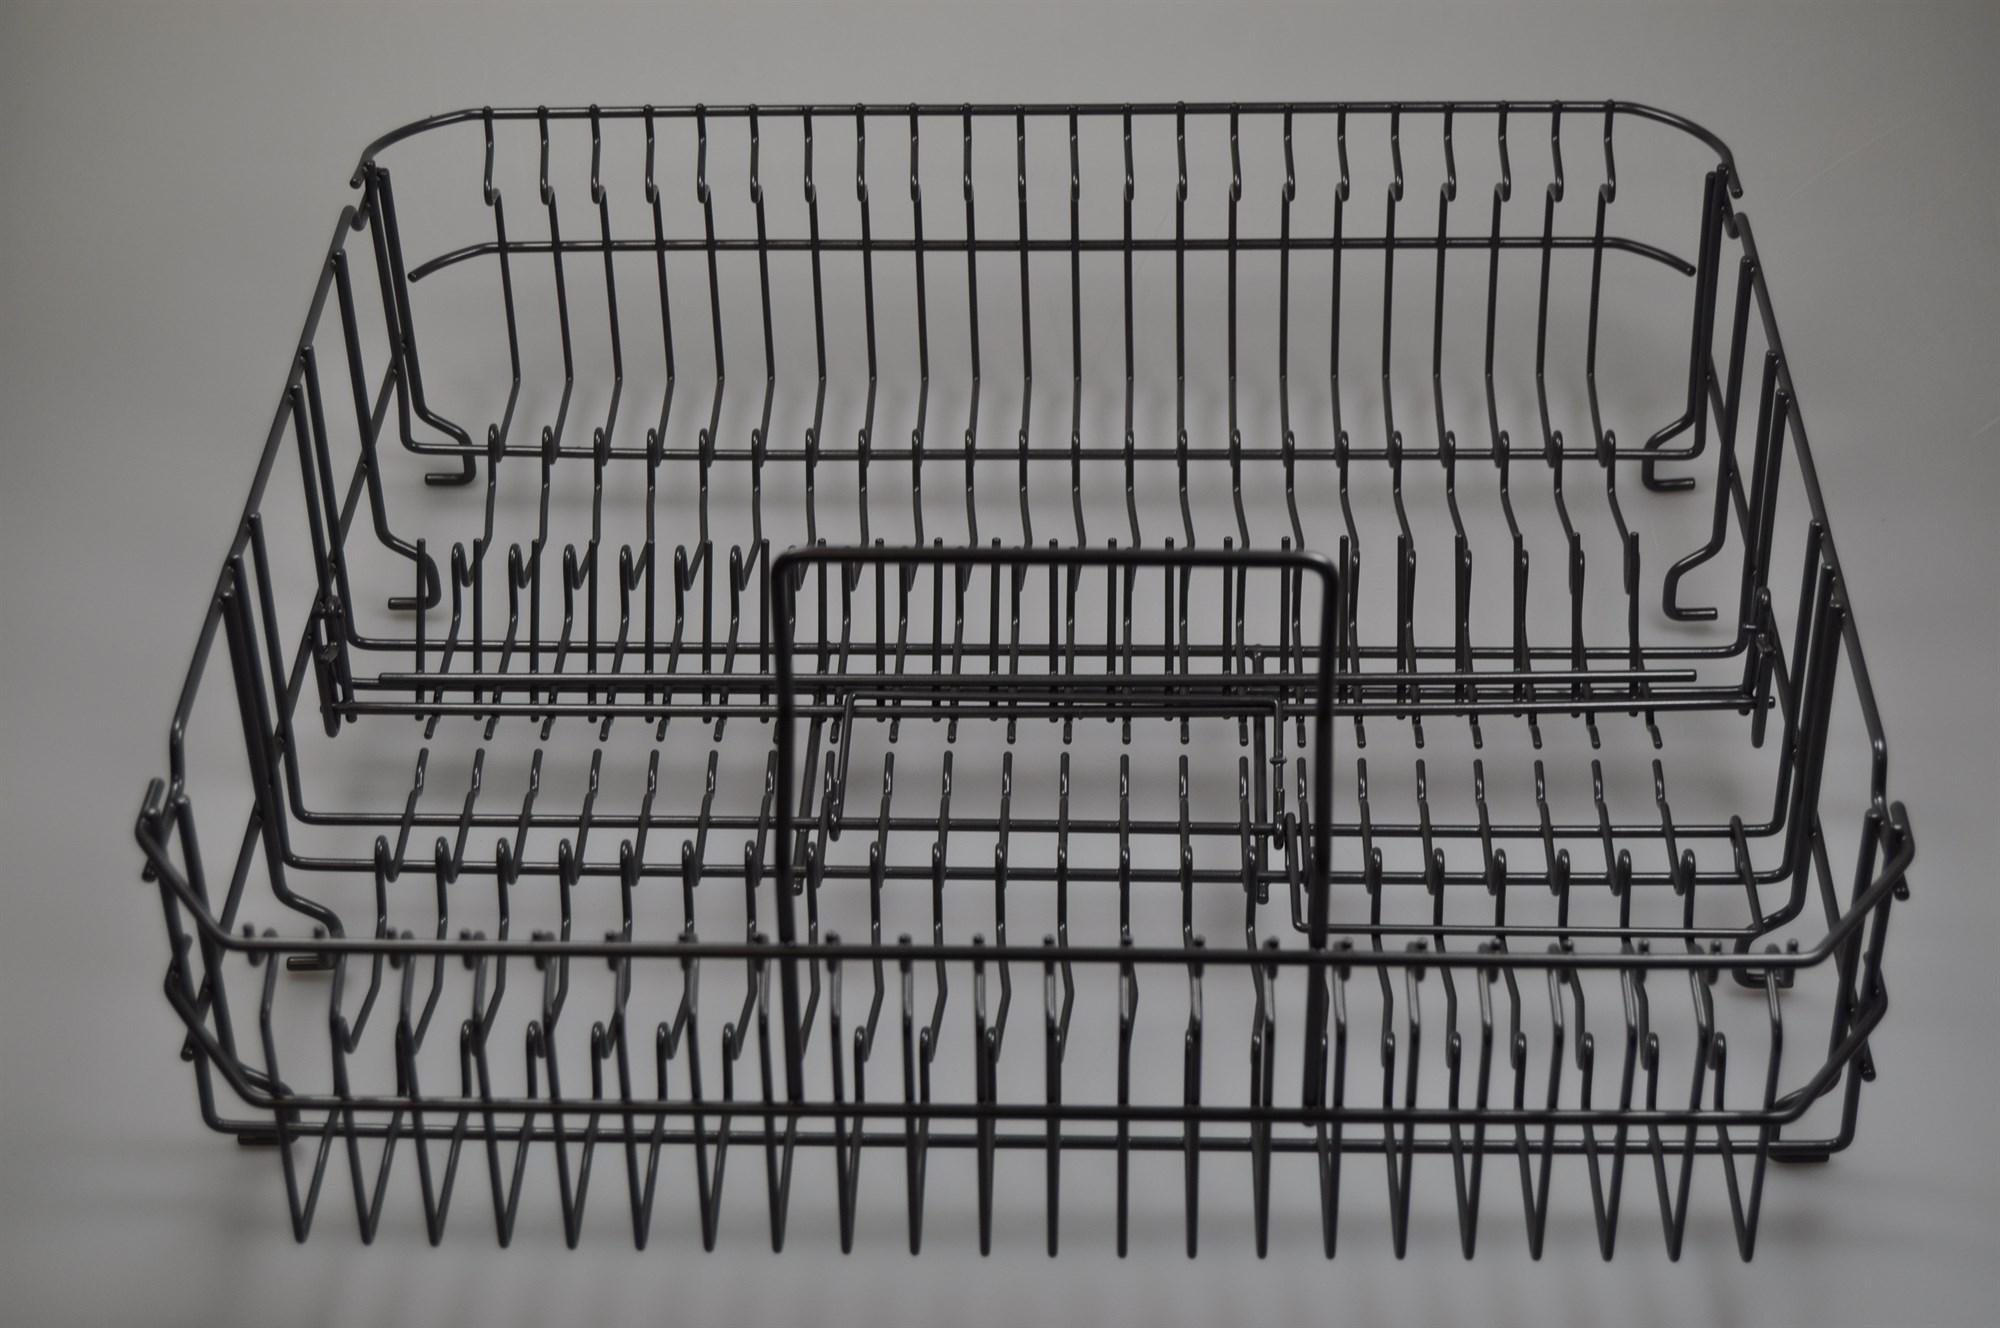 BENEKING Plastic Rectangulaire Poubelle Poubelle Petite Poubelle pour la Cuisine Bureaux /à Domicile Bureaux Salles de Bain Salles deau Slim /& Stylish